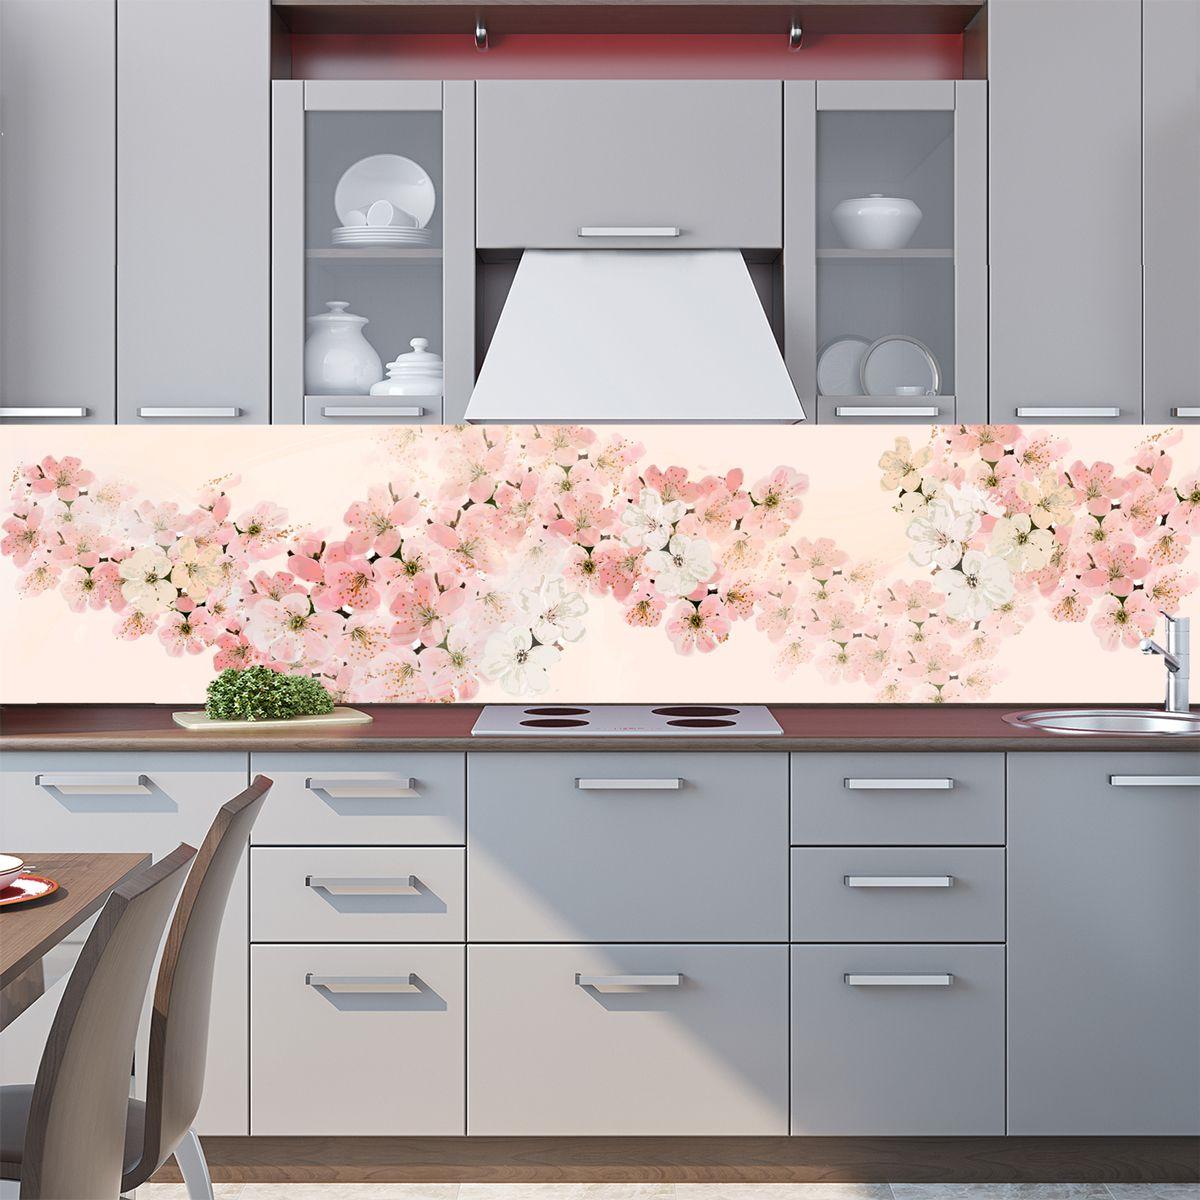 Kitchen Backsplash - Spring veil